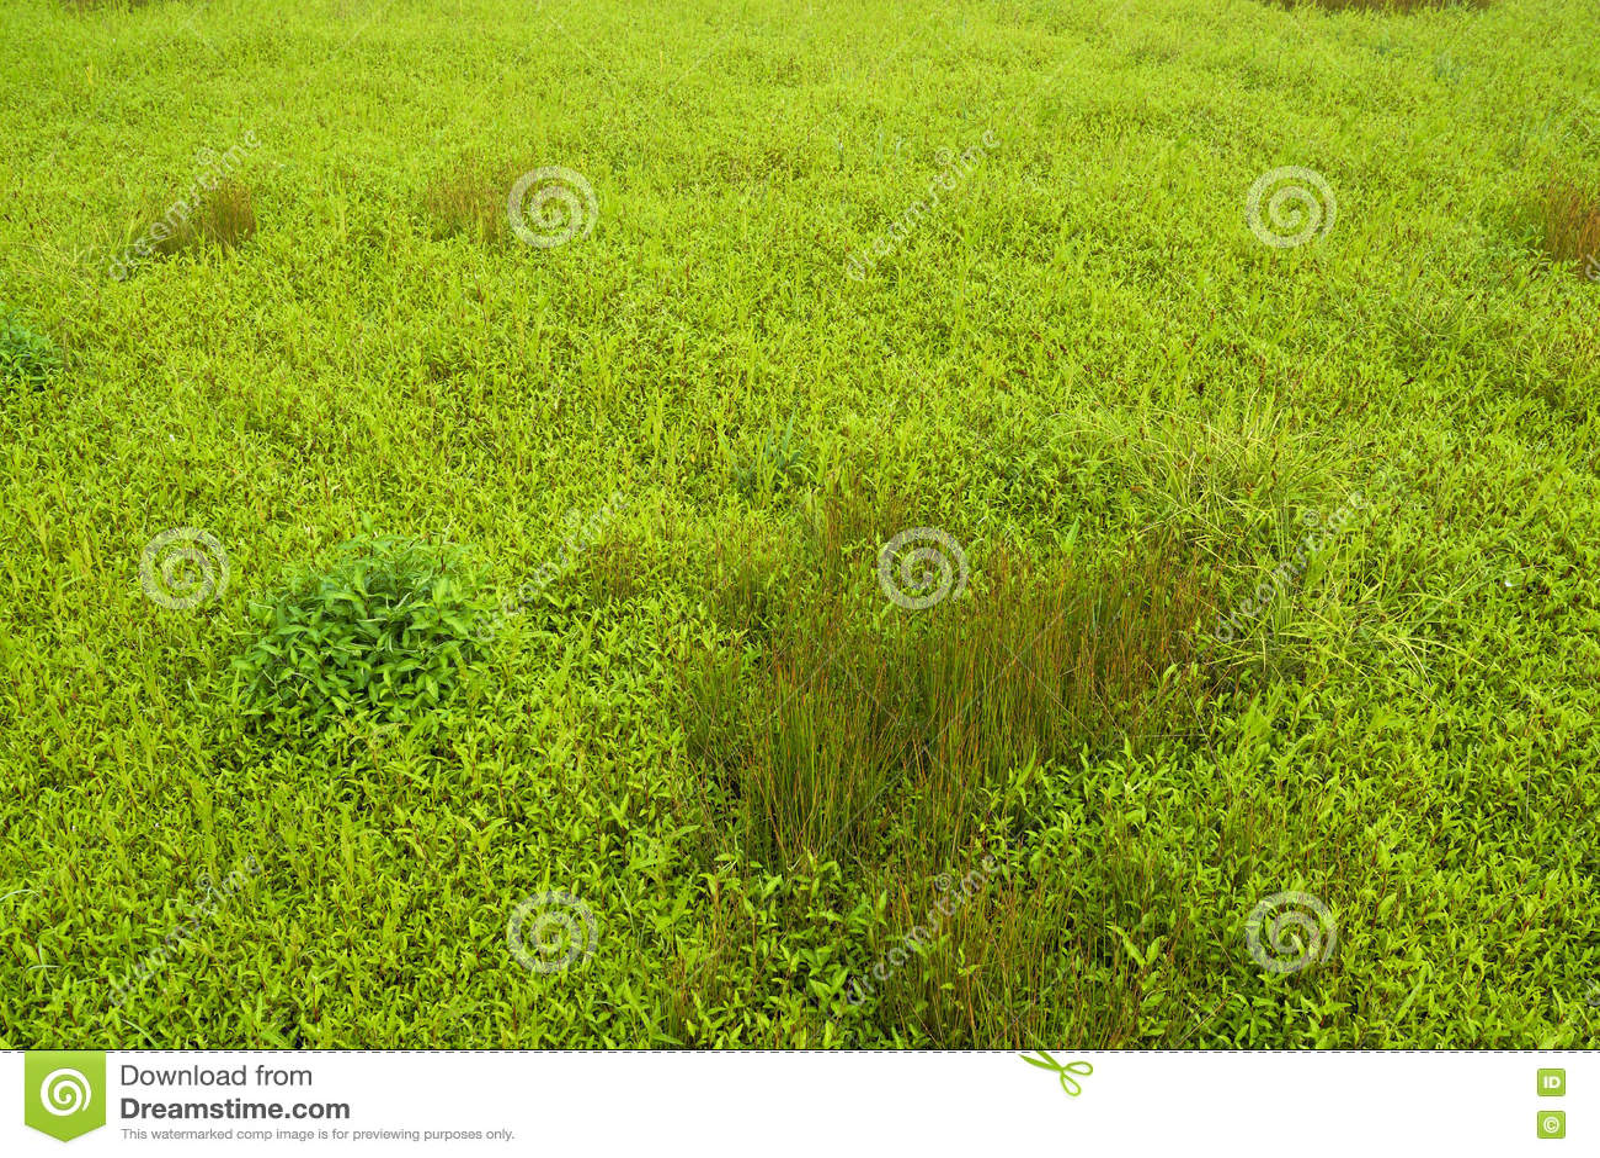 Зеленая трава и дикие растения в поле